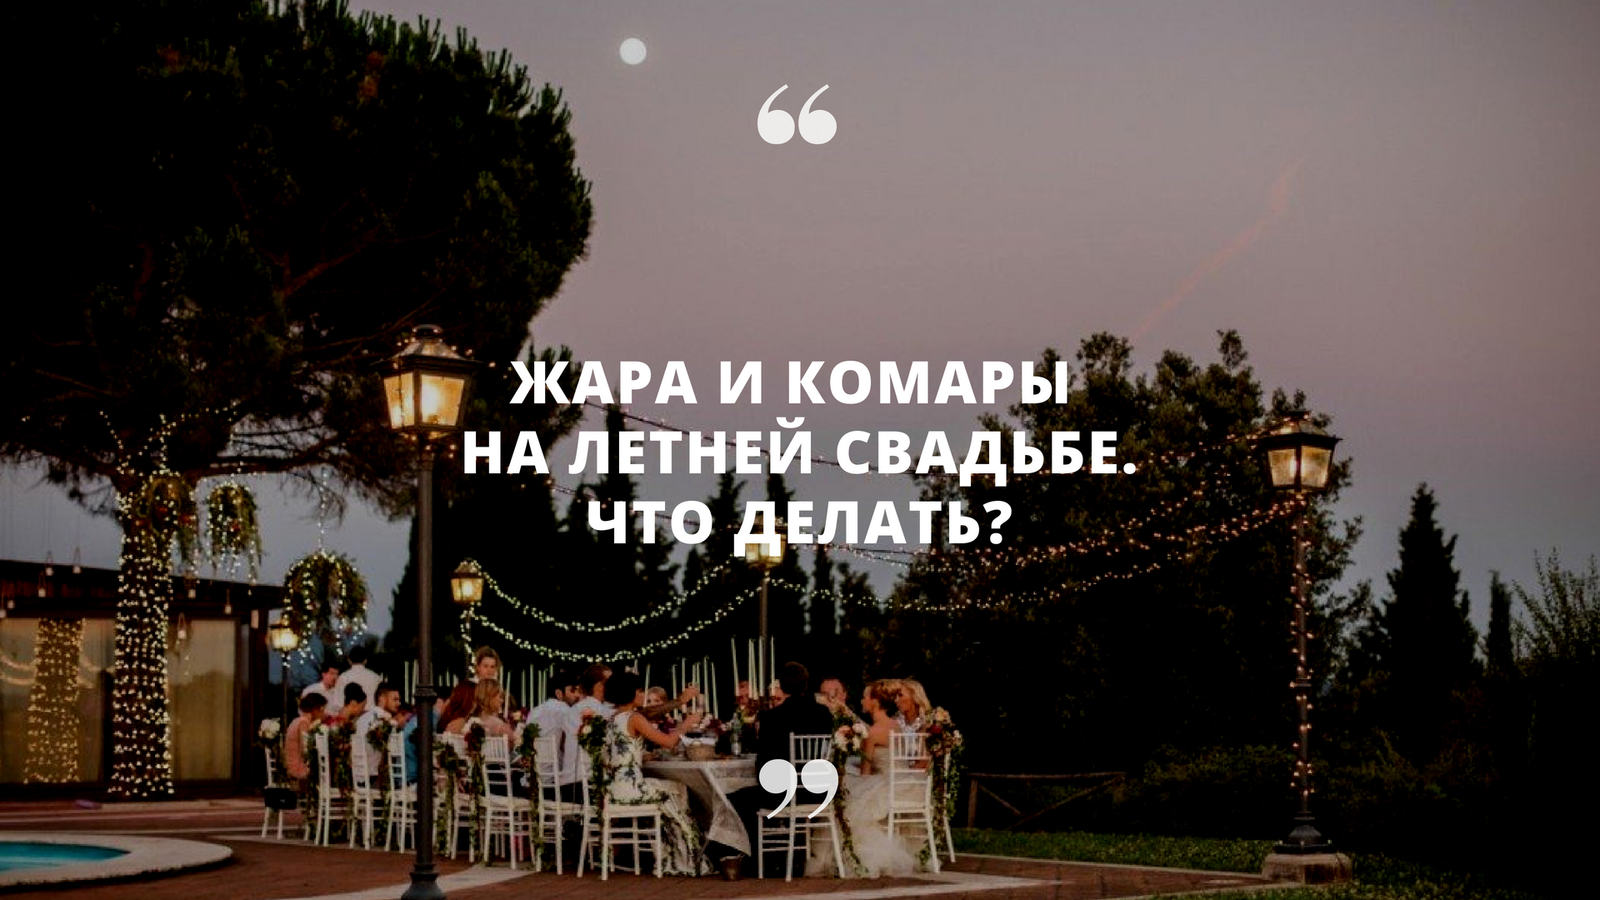 «Две проблемы летней свадьбы — жара и комары. Что делать?»